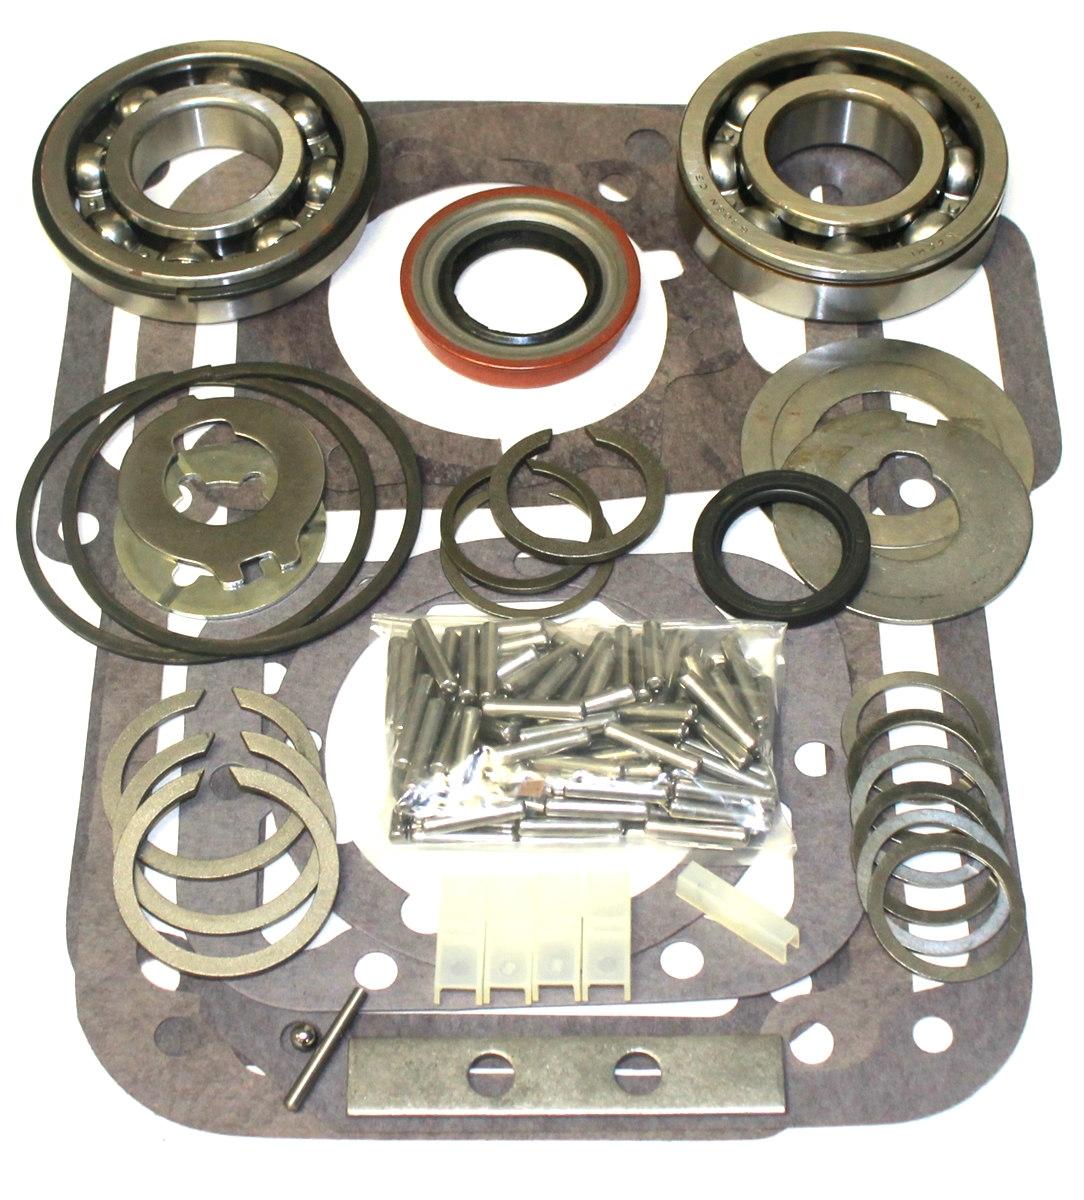 Borg Warner T18 4 Speed Bearing Kit, BK114